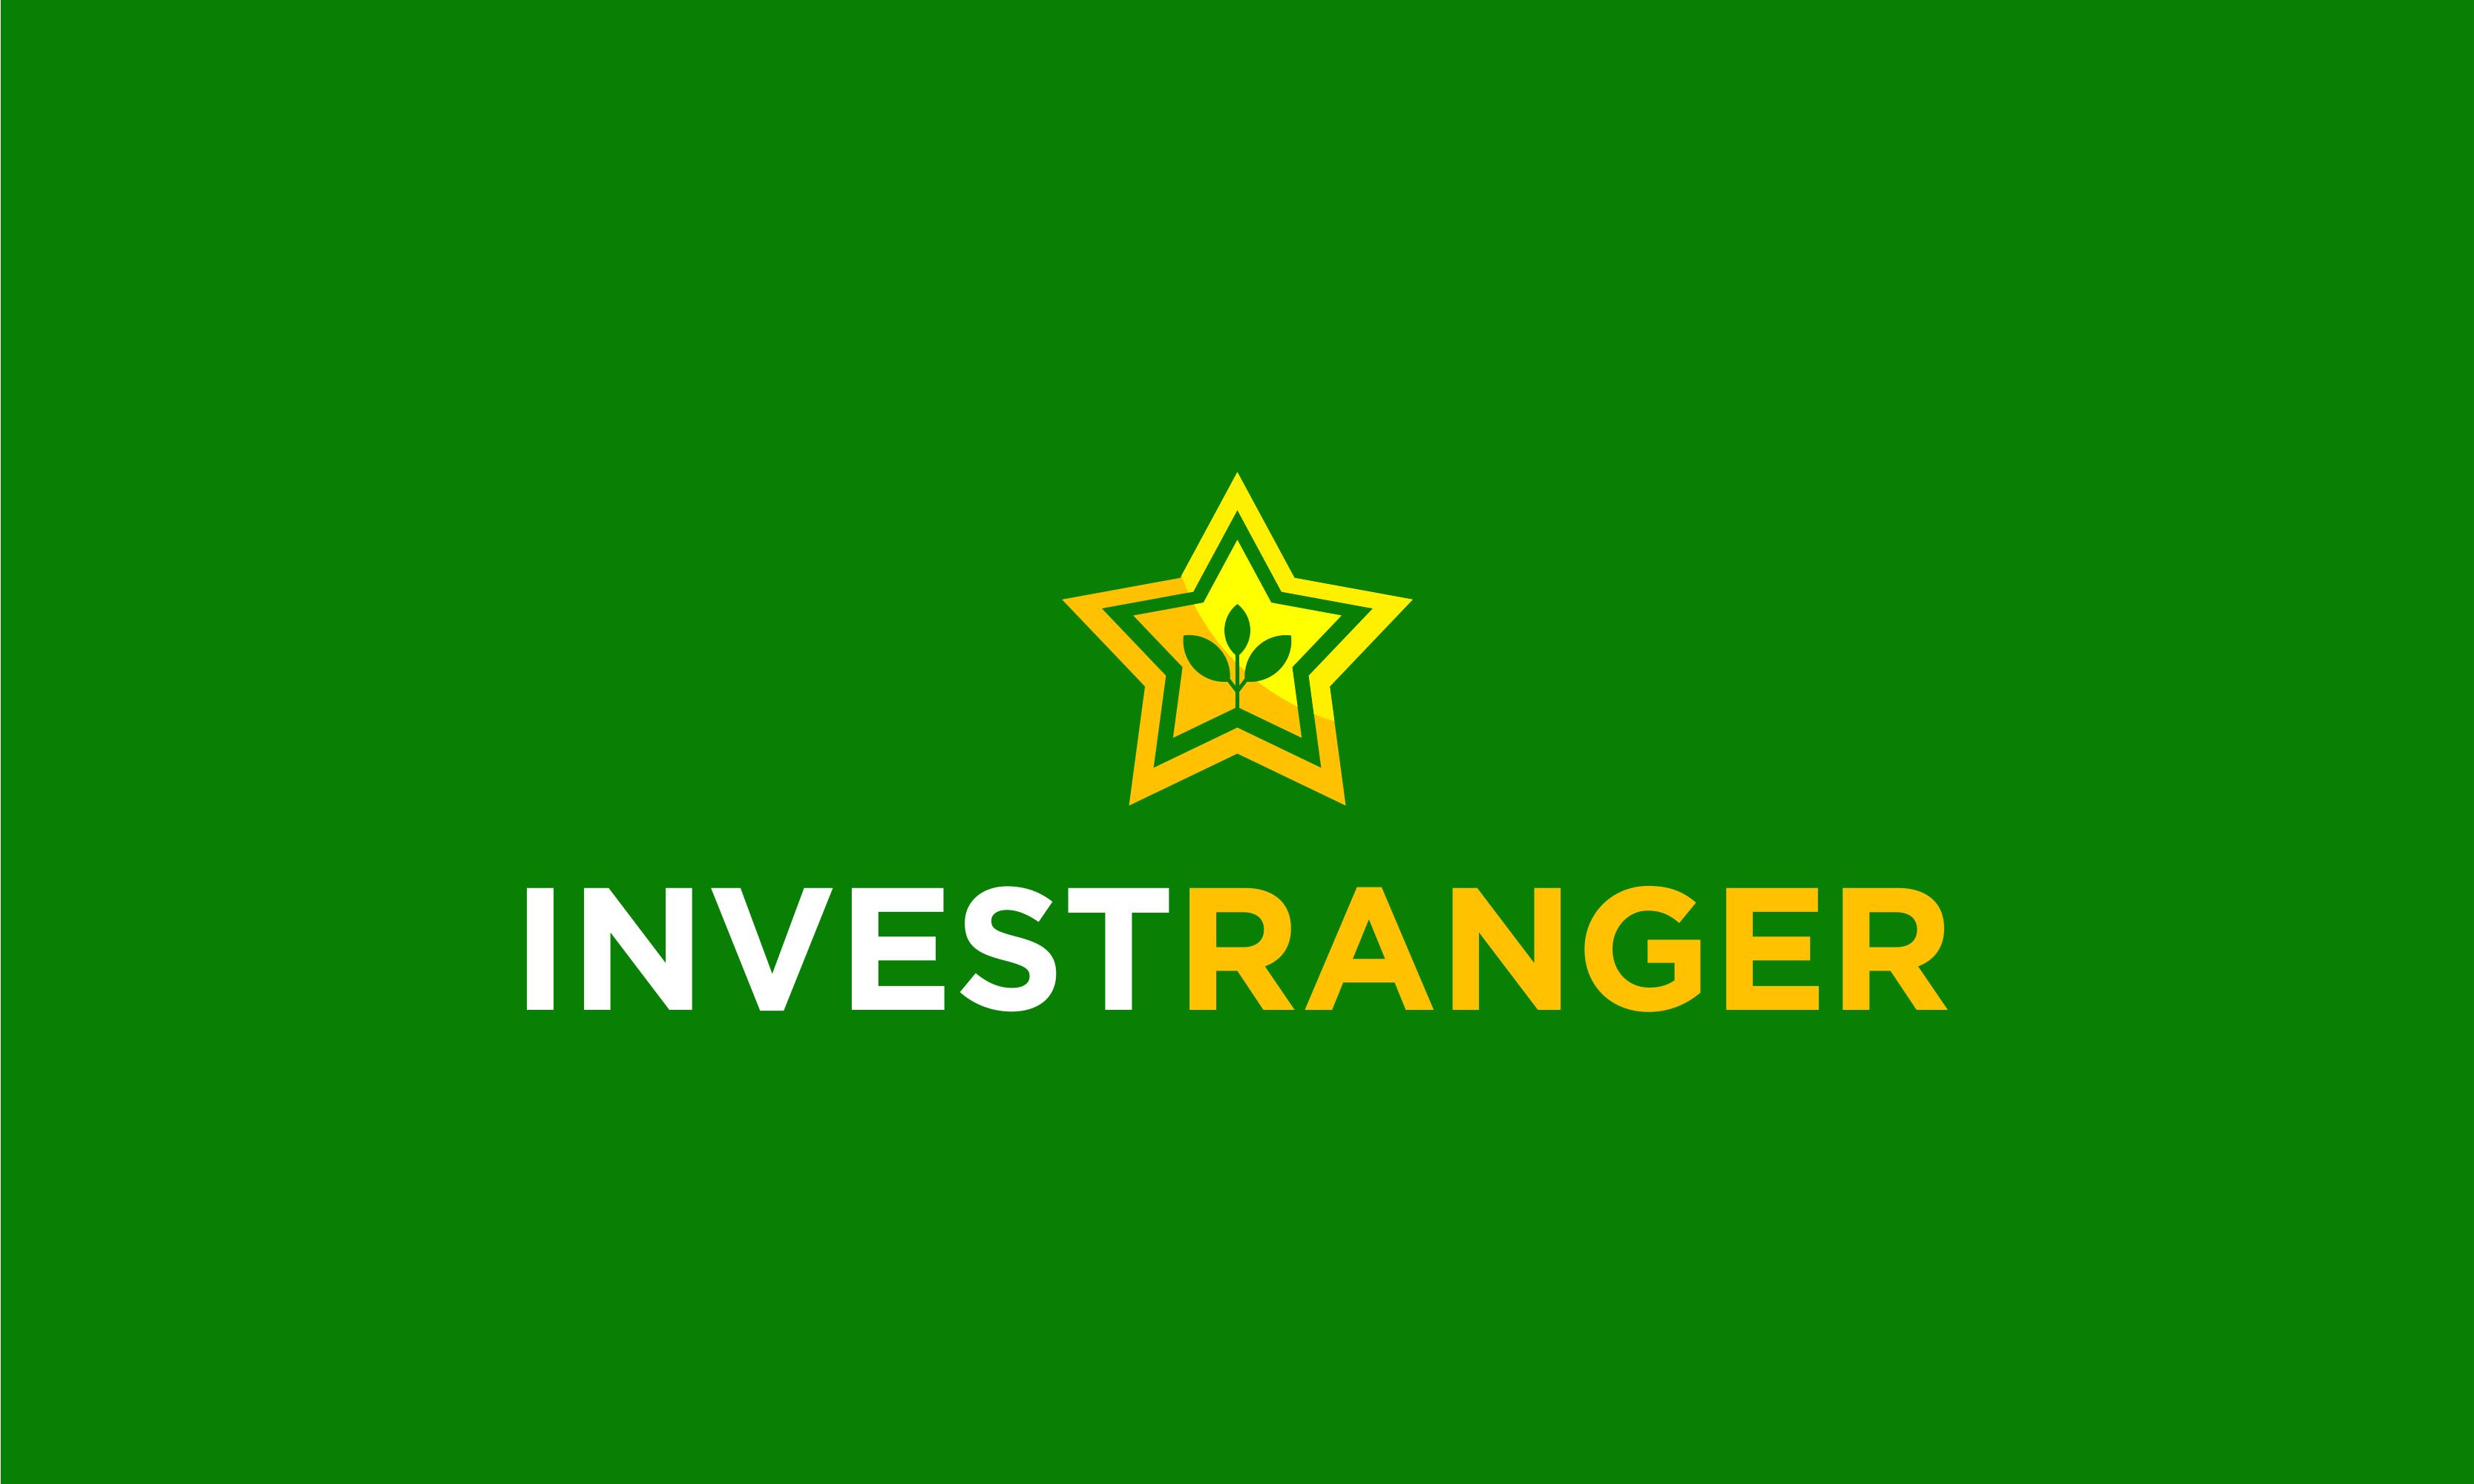 Investranger